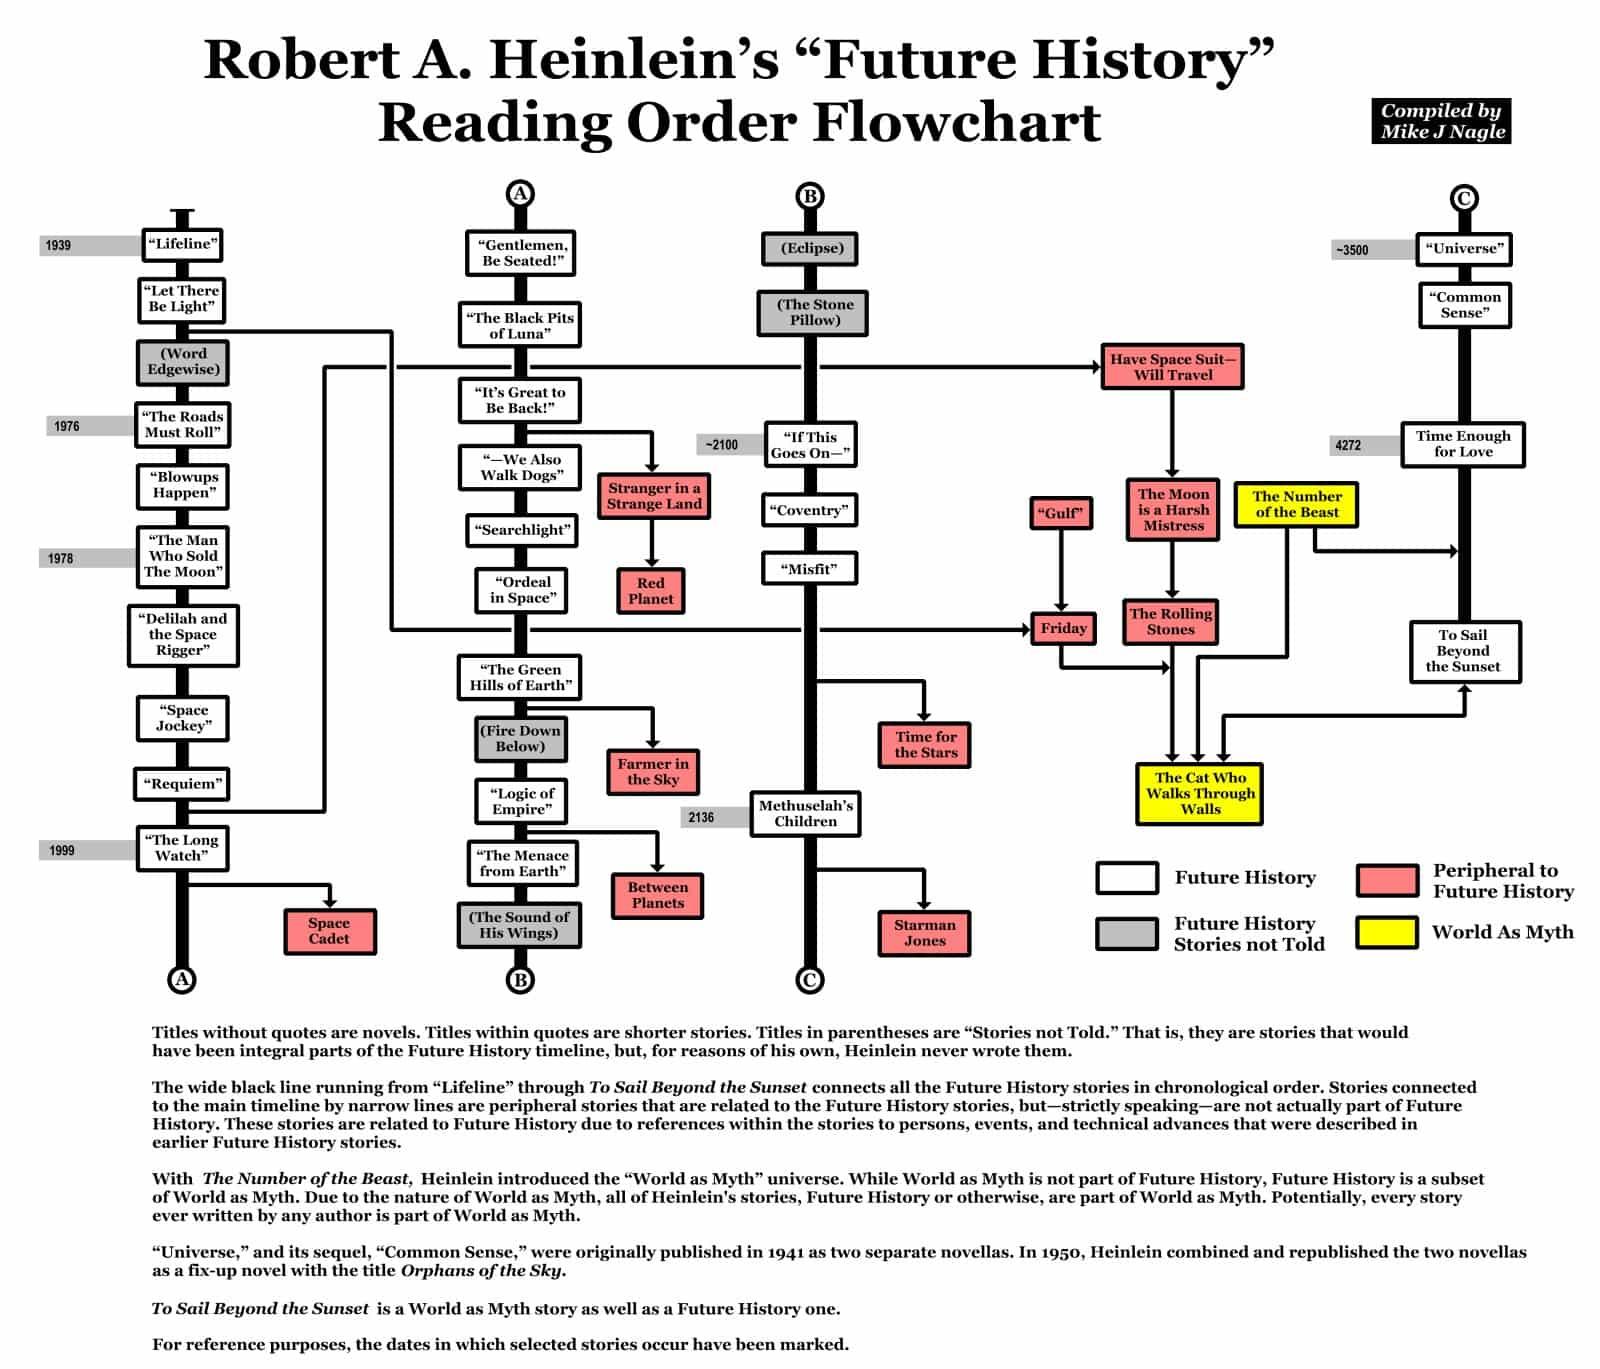 Orden de lectura de los relatos incluidos en La Historia del Futuro de Robert A. Heinlein